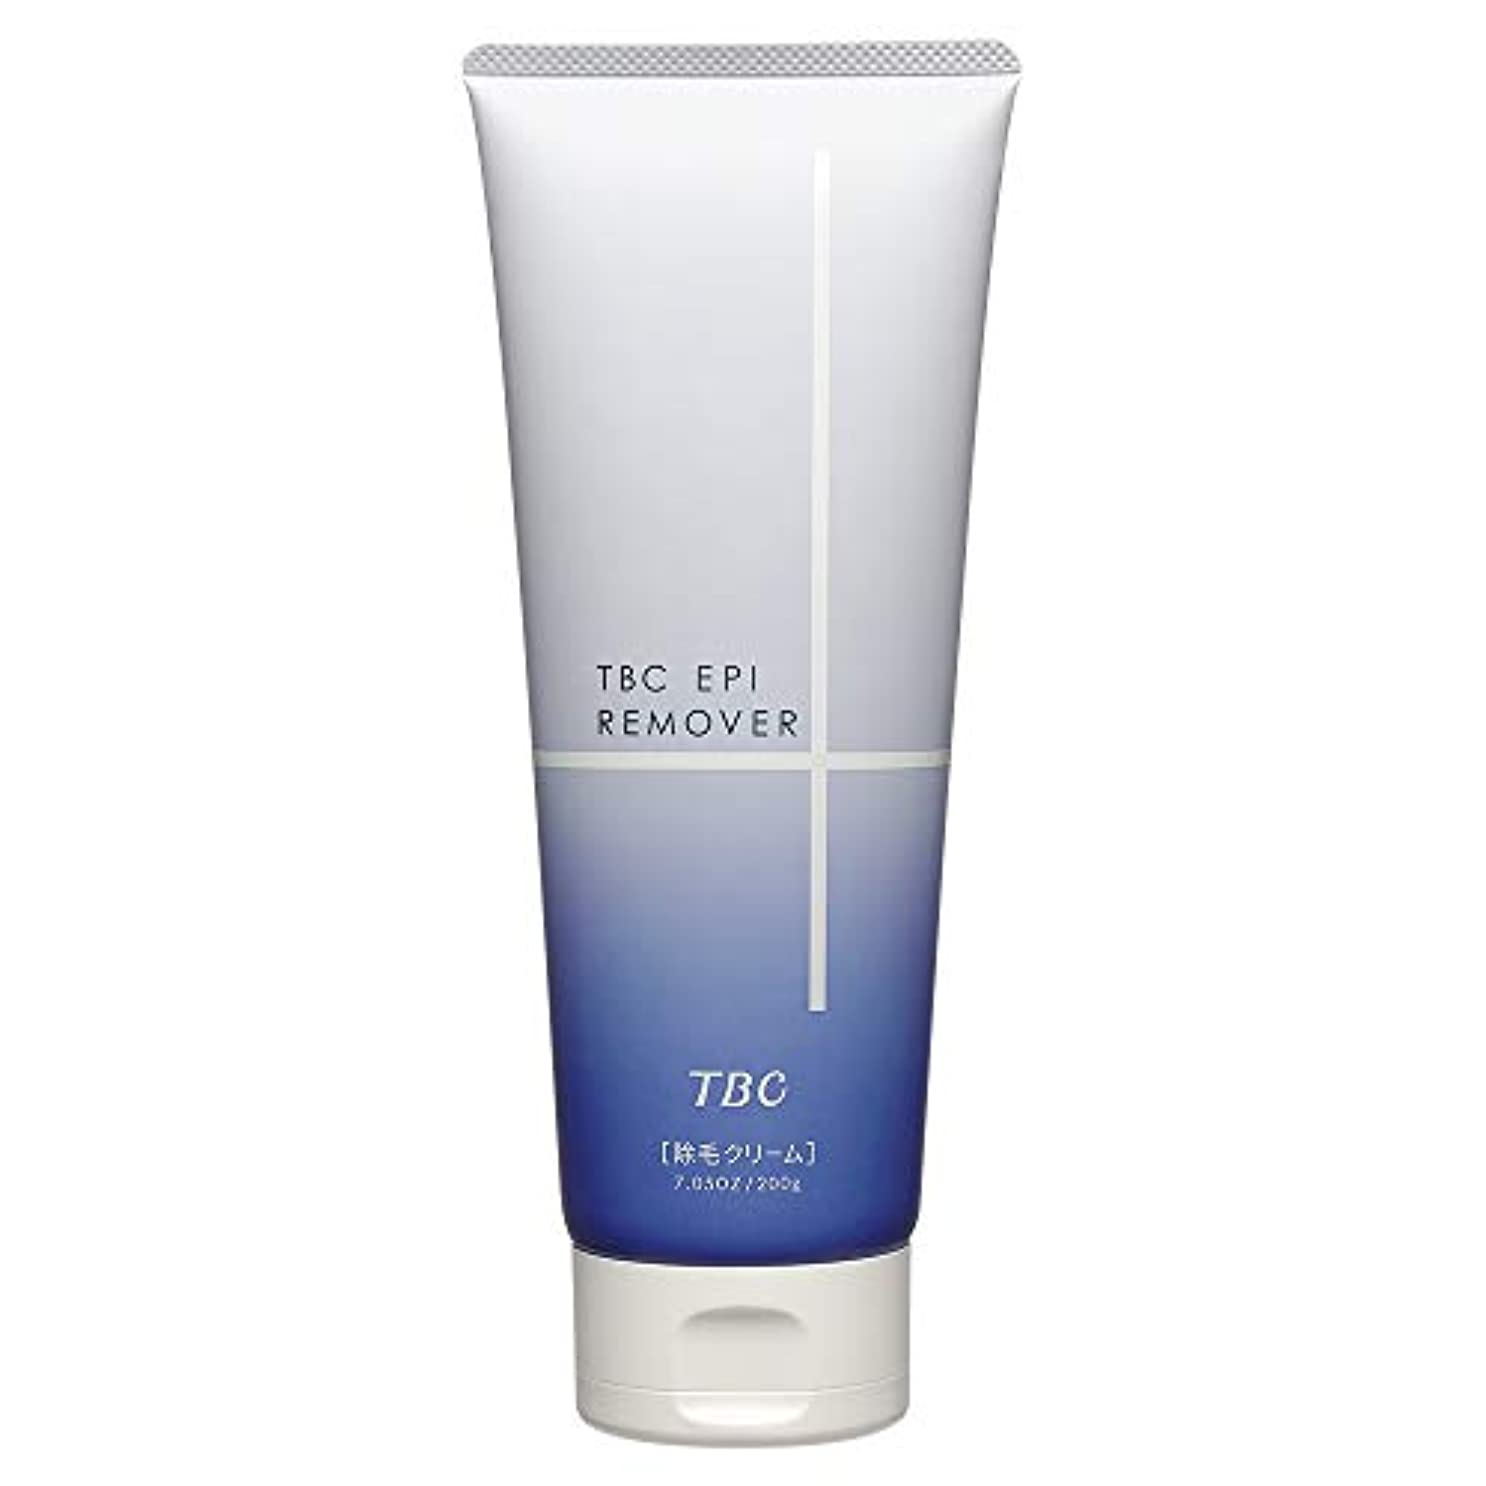 振動する最悪カカドゥエステティックTBC TBC エピリムーバー クリーム フローラルの香り 200g